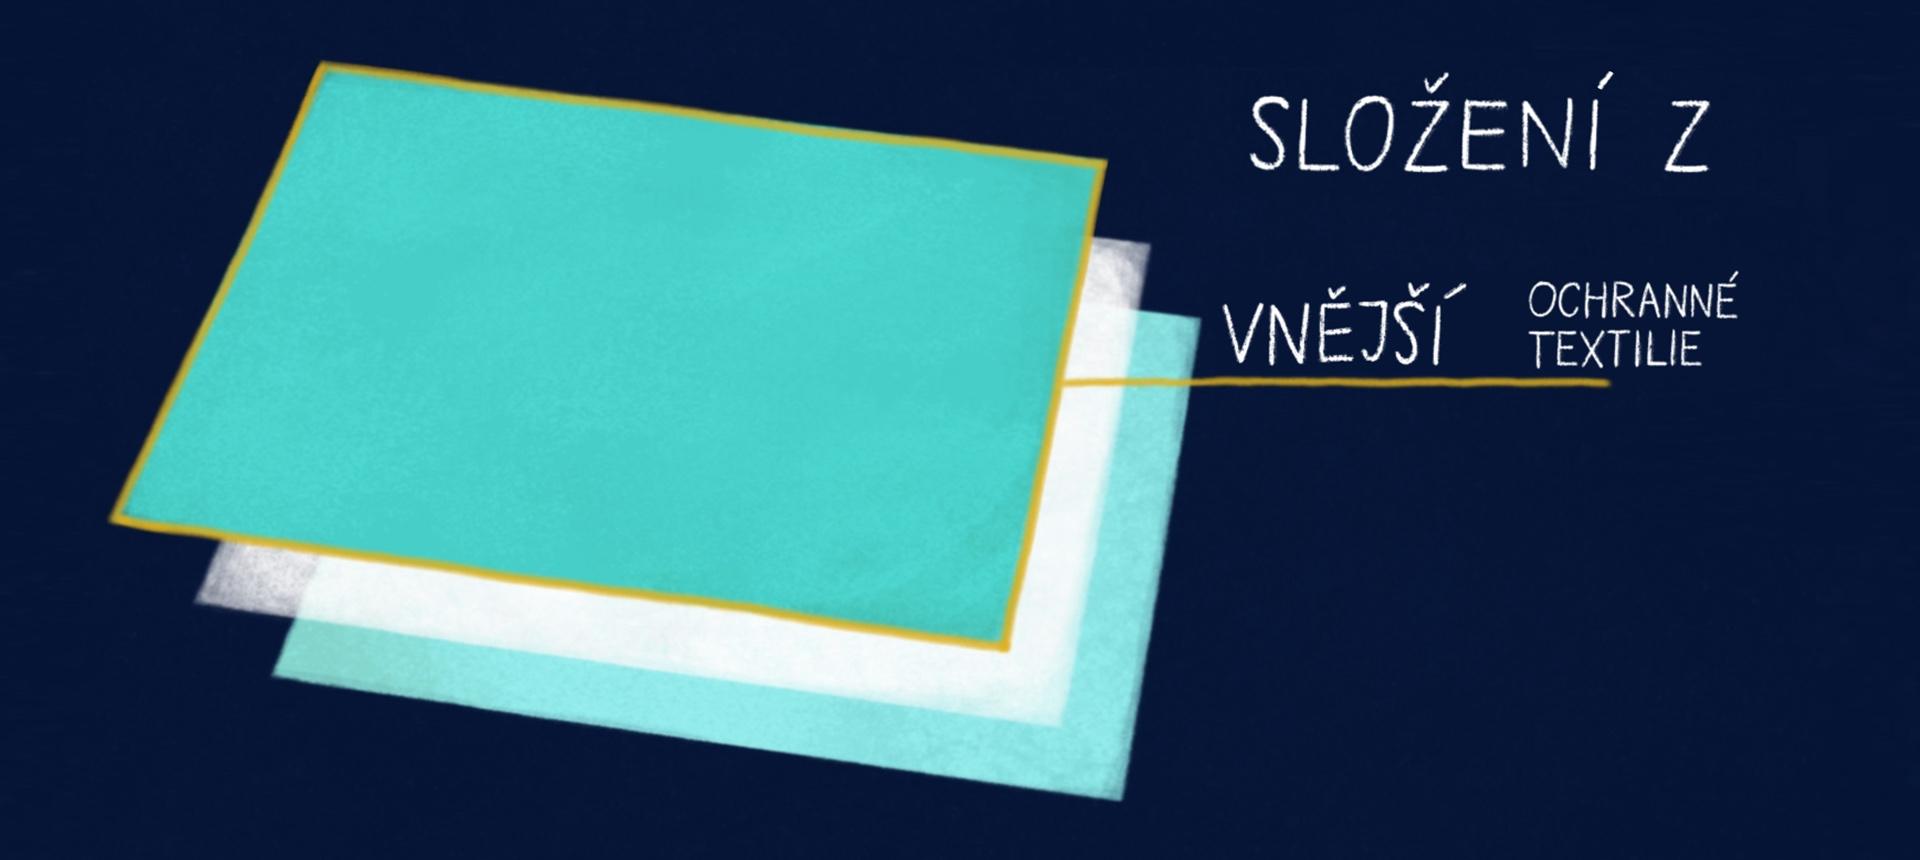 Složení textilie SPURTEX